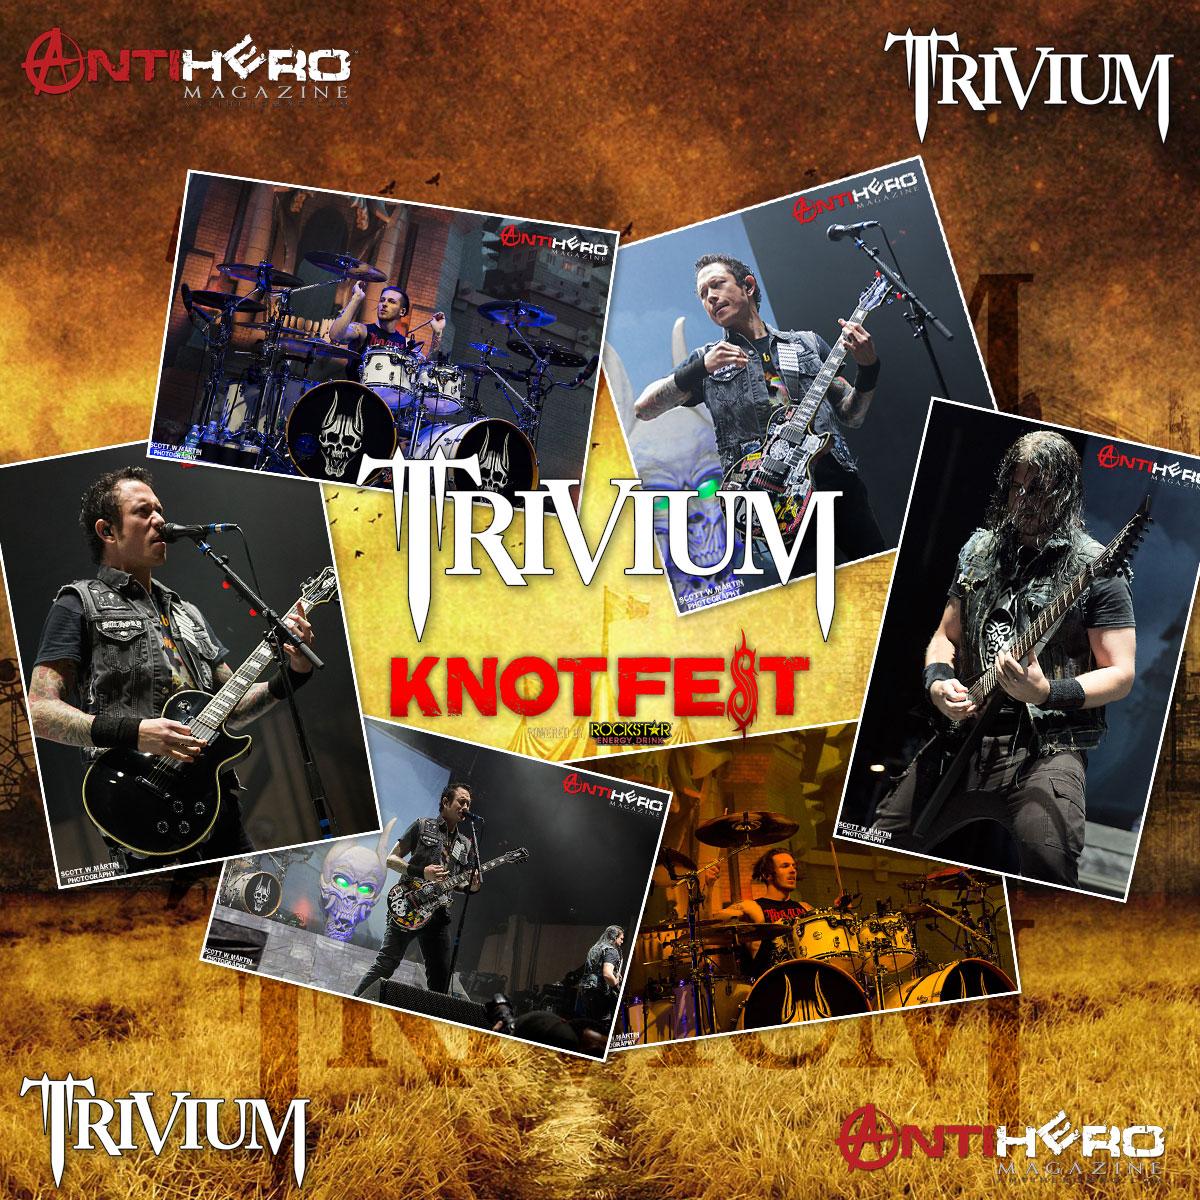 knotfest-trivium-cover